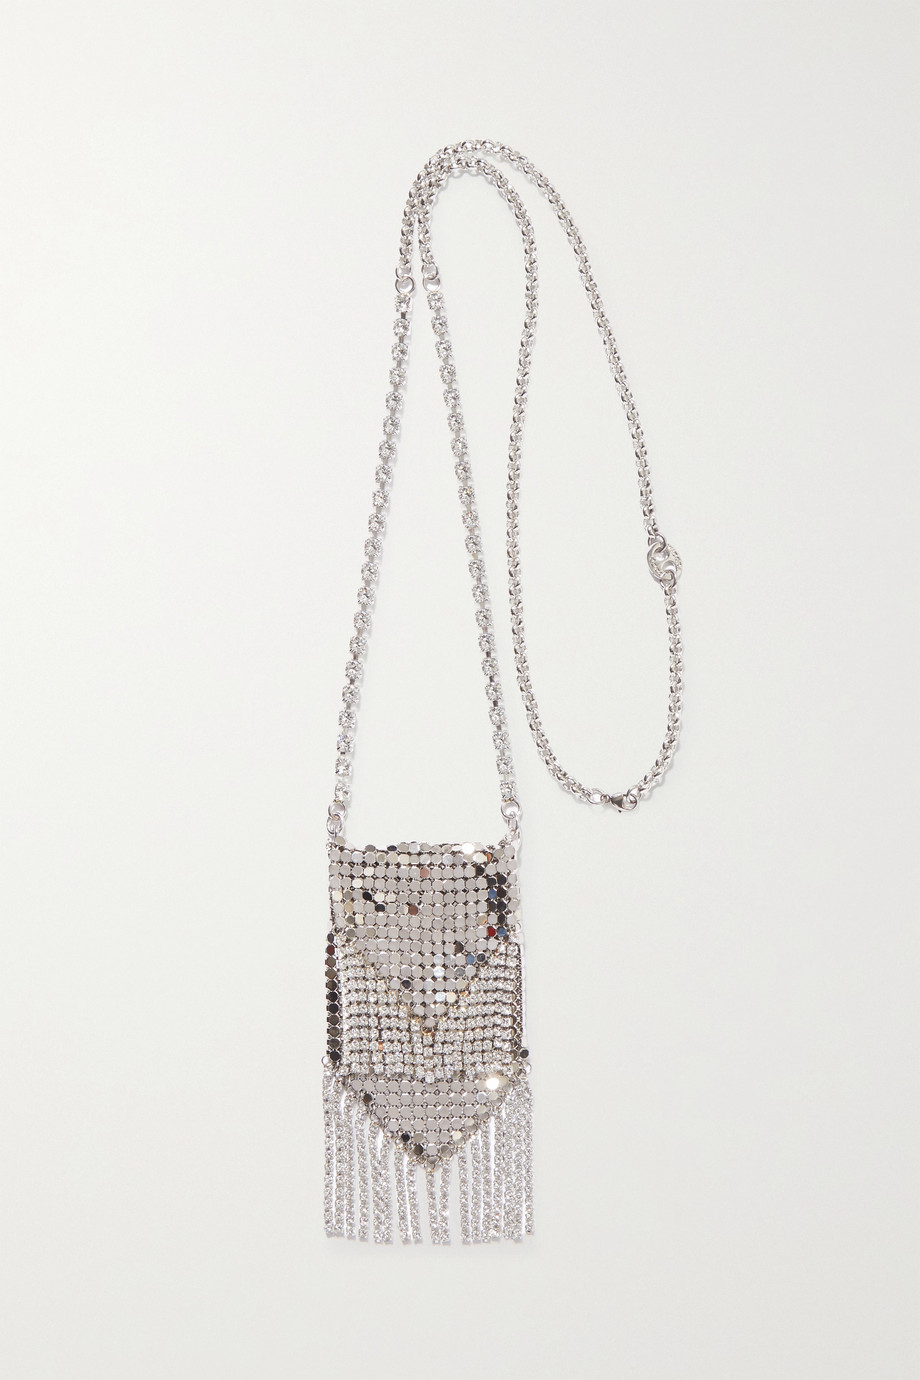 Paco Rabanne Silberfarbene Kette mit Kristallen